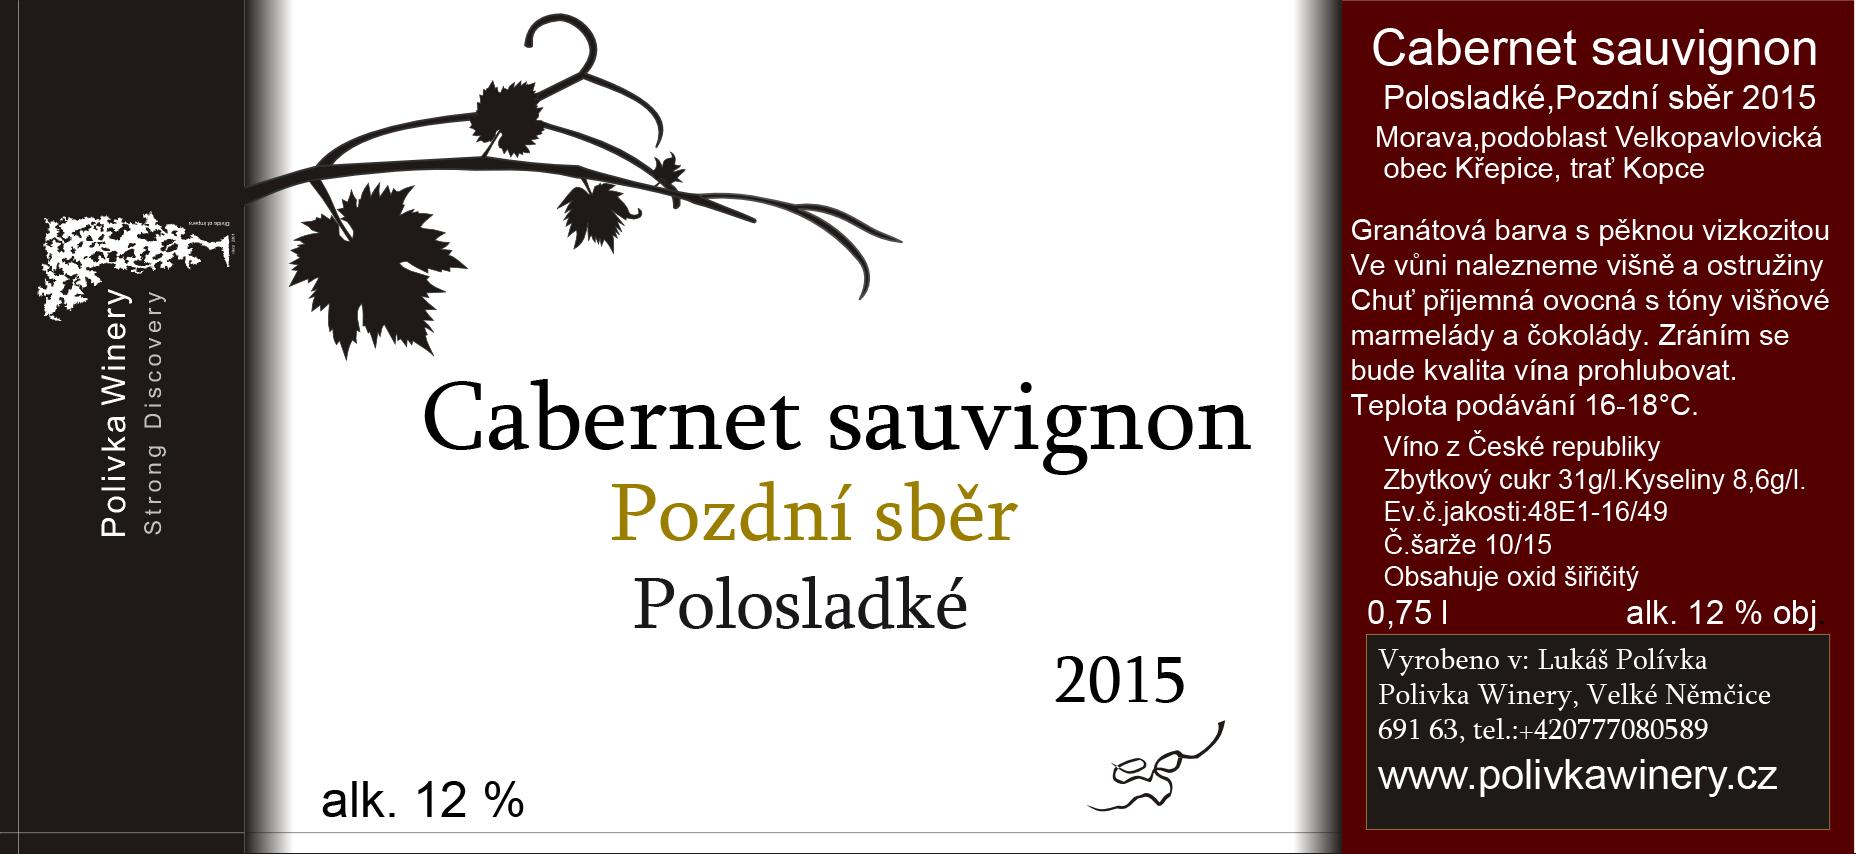 Polivka Winery - Cabernet Sauvignon - Pozdní sběr 2015 - 0,75l (balení 6 lahví)